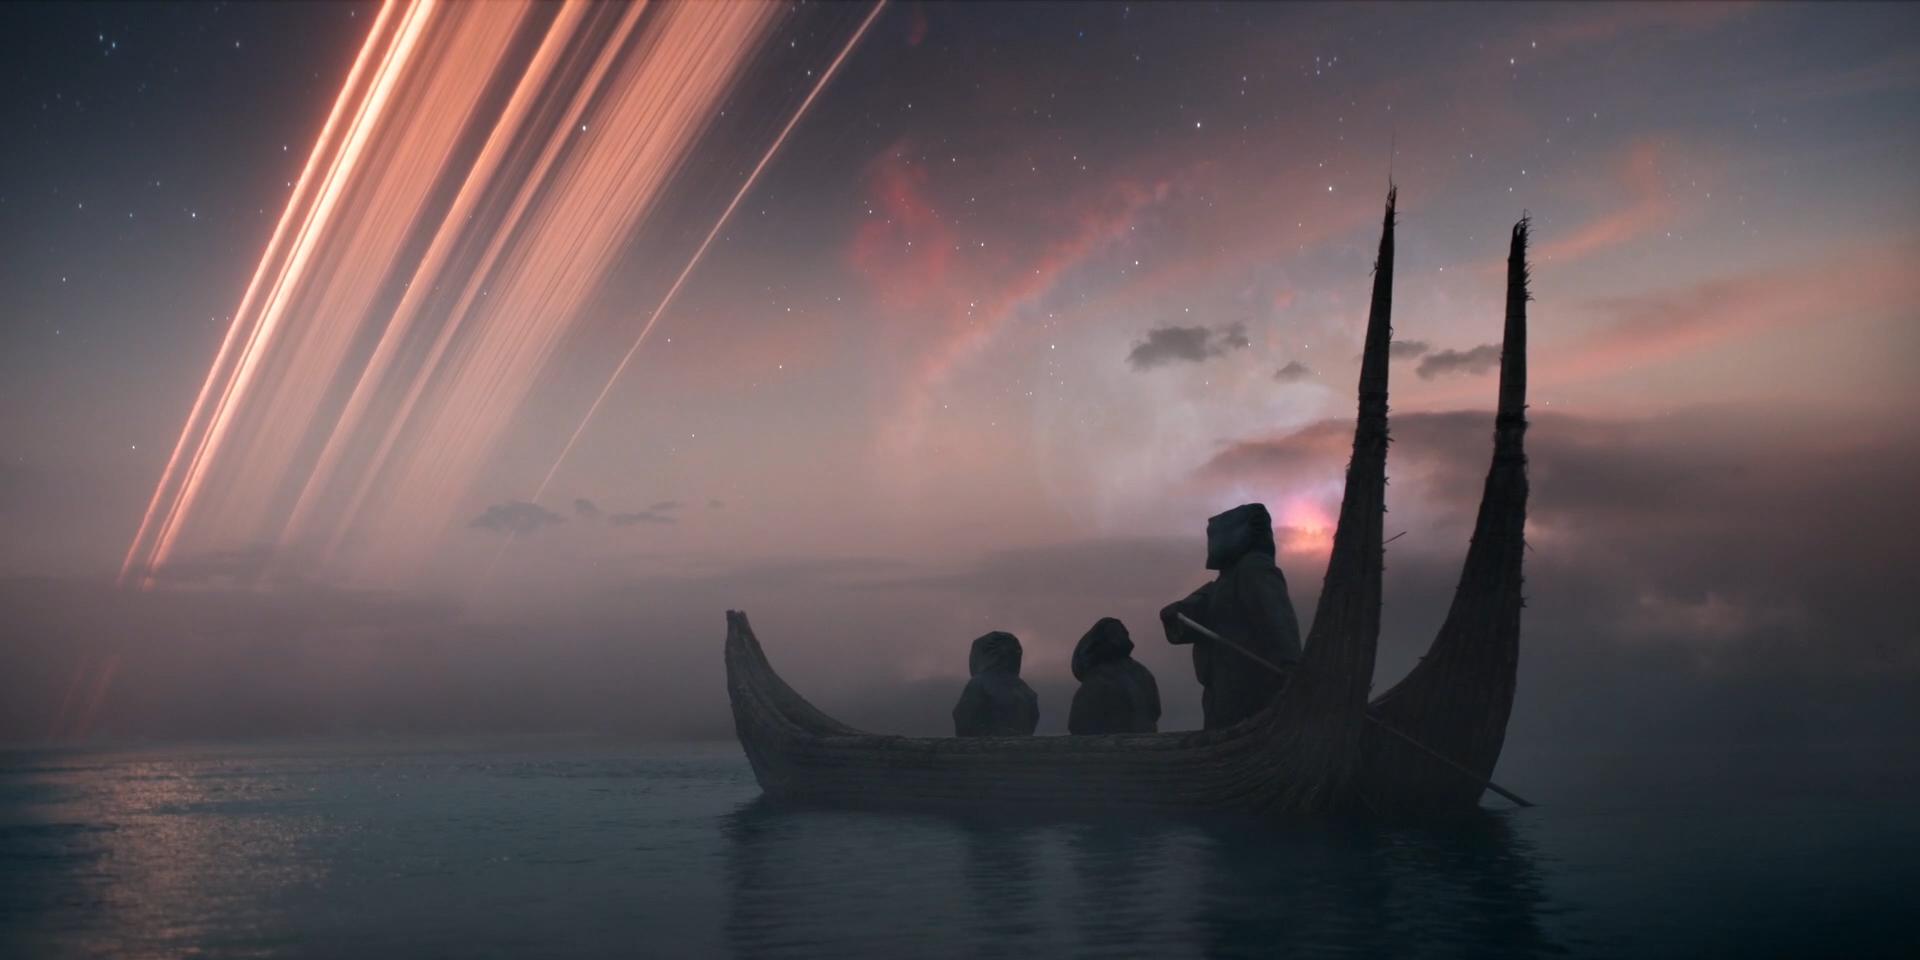 Изображение для Основание / Foundation, Сезон 1, Серии 1-4 из 10 (2021) WEB-DLRip 1080p (кликните для просмотра полного изображения)